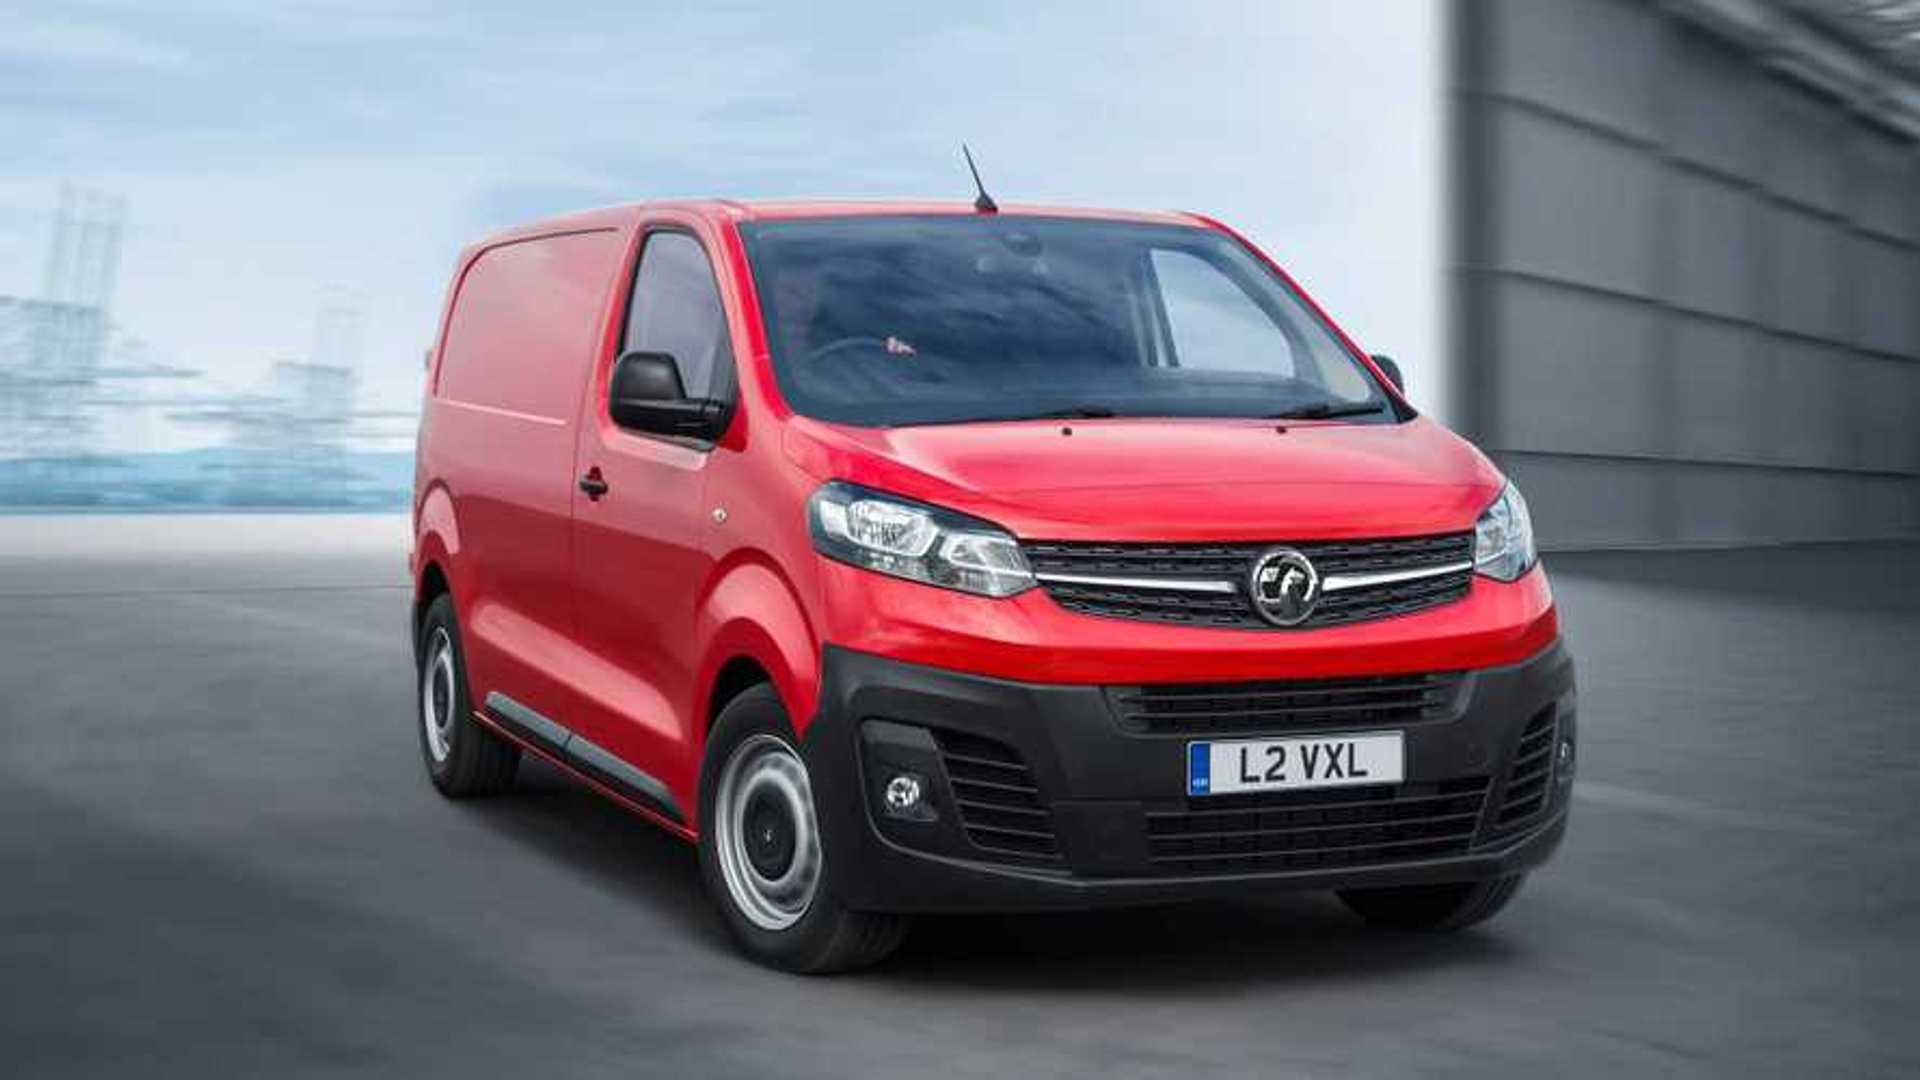 All New Vauxhall Vivaro Revealed Ev Due In 2020